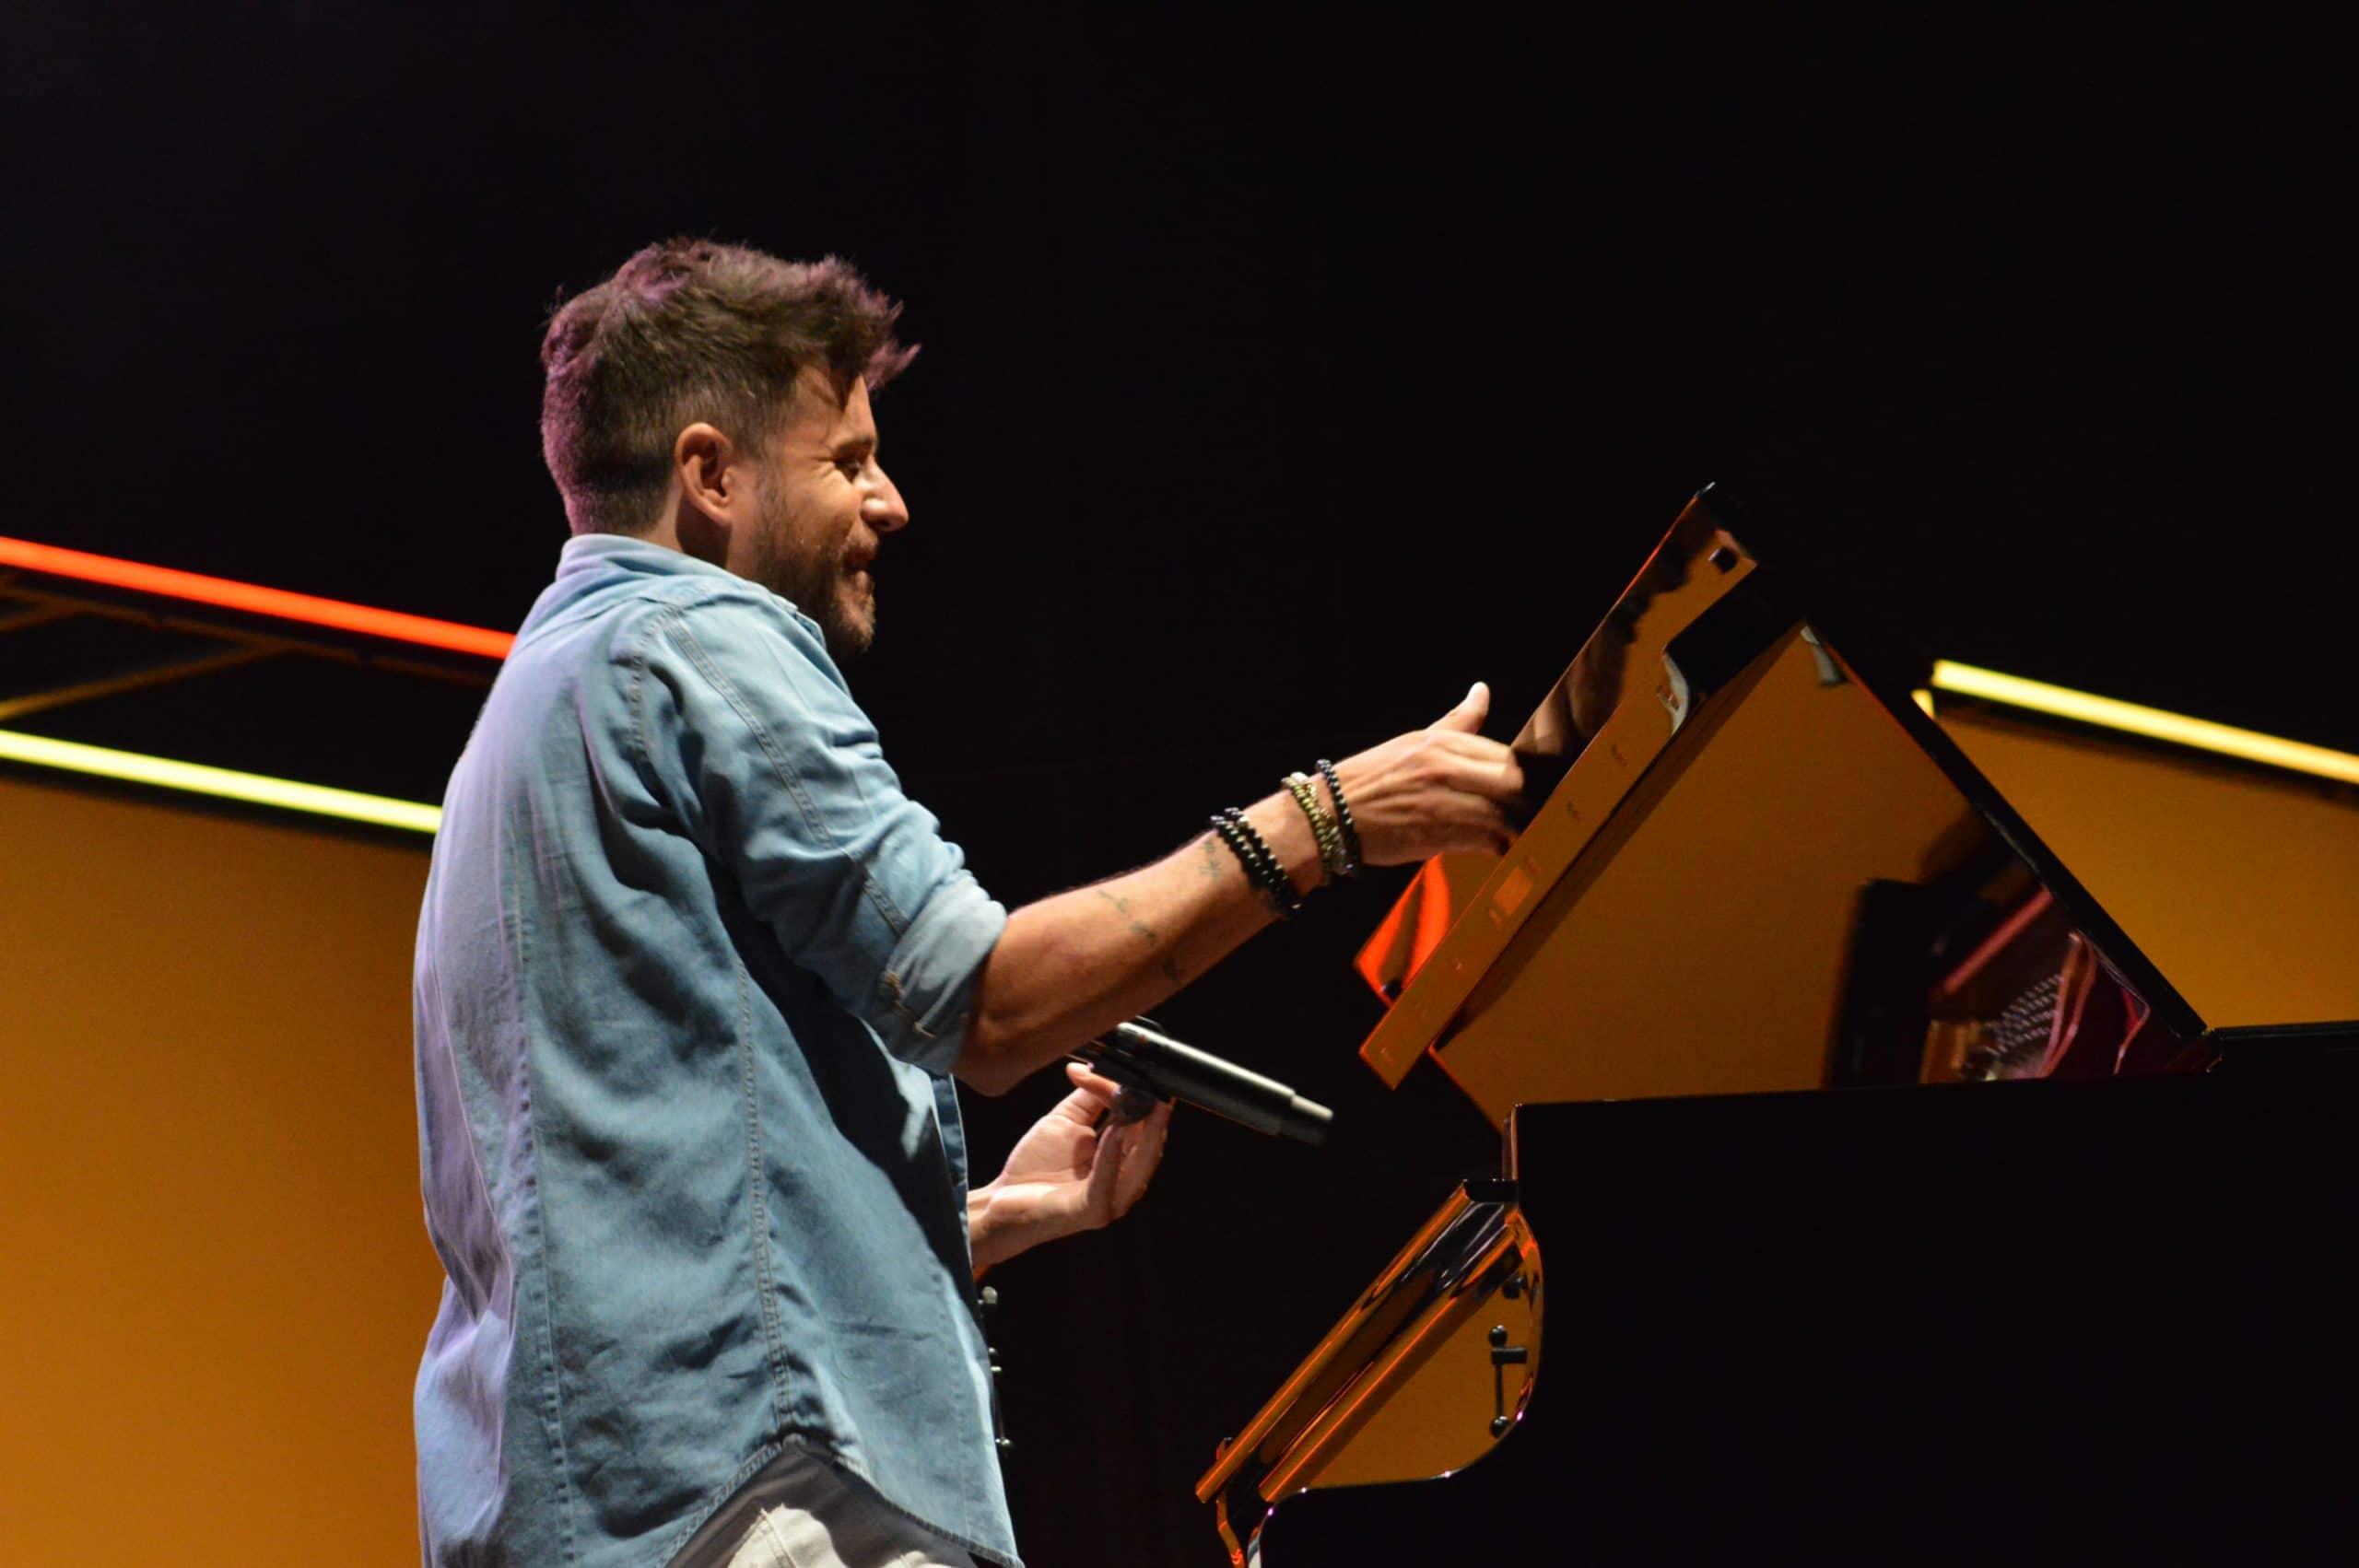 La gira 'López, piano y voz' de Pablo López pone el broche final a las fiestas de la Encina que nunca hubiéramos querido vivir 15